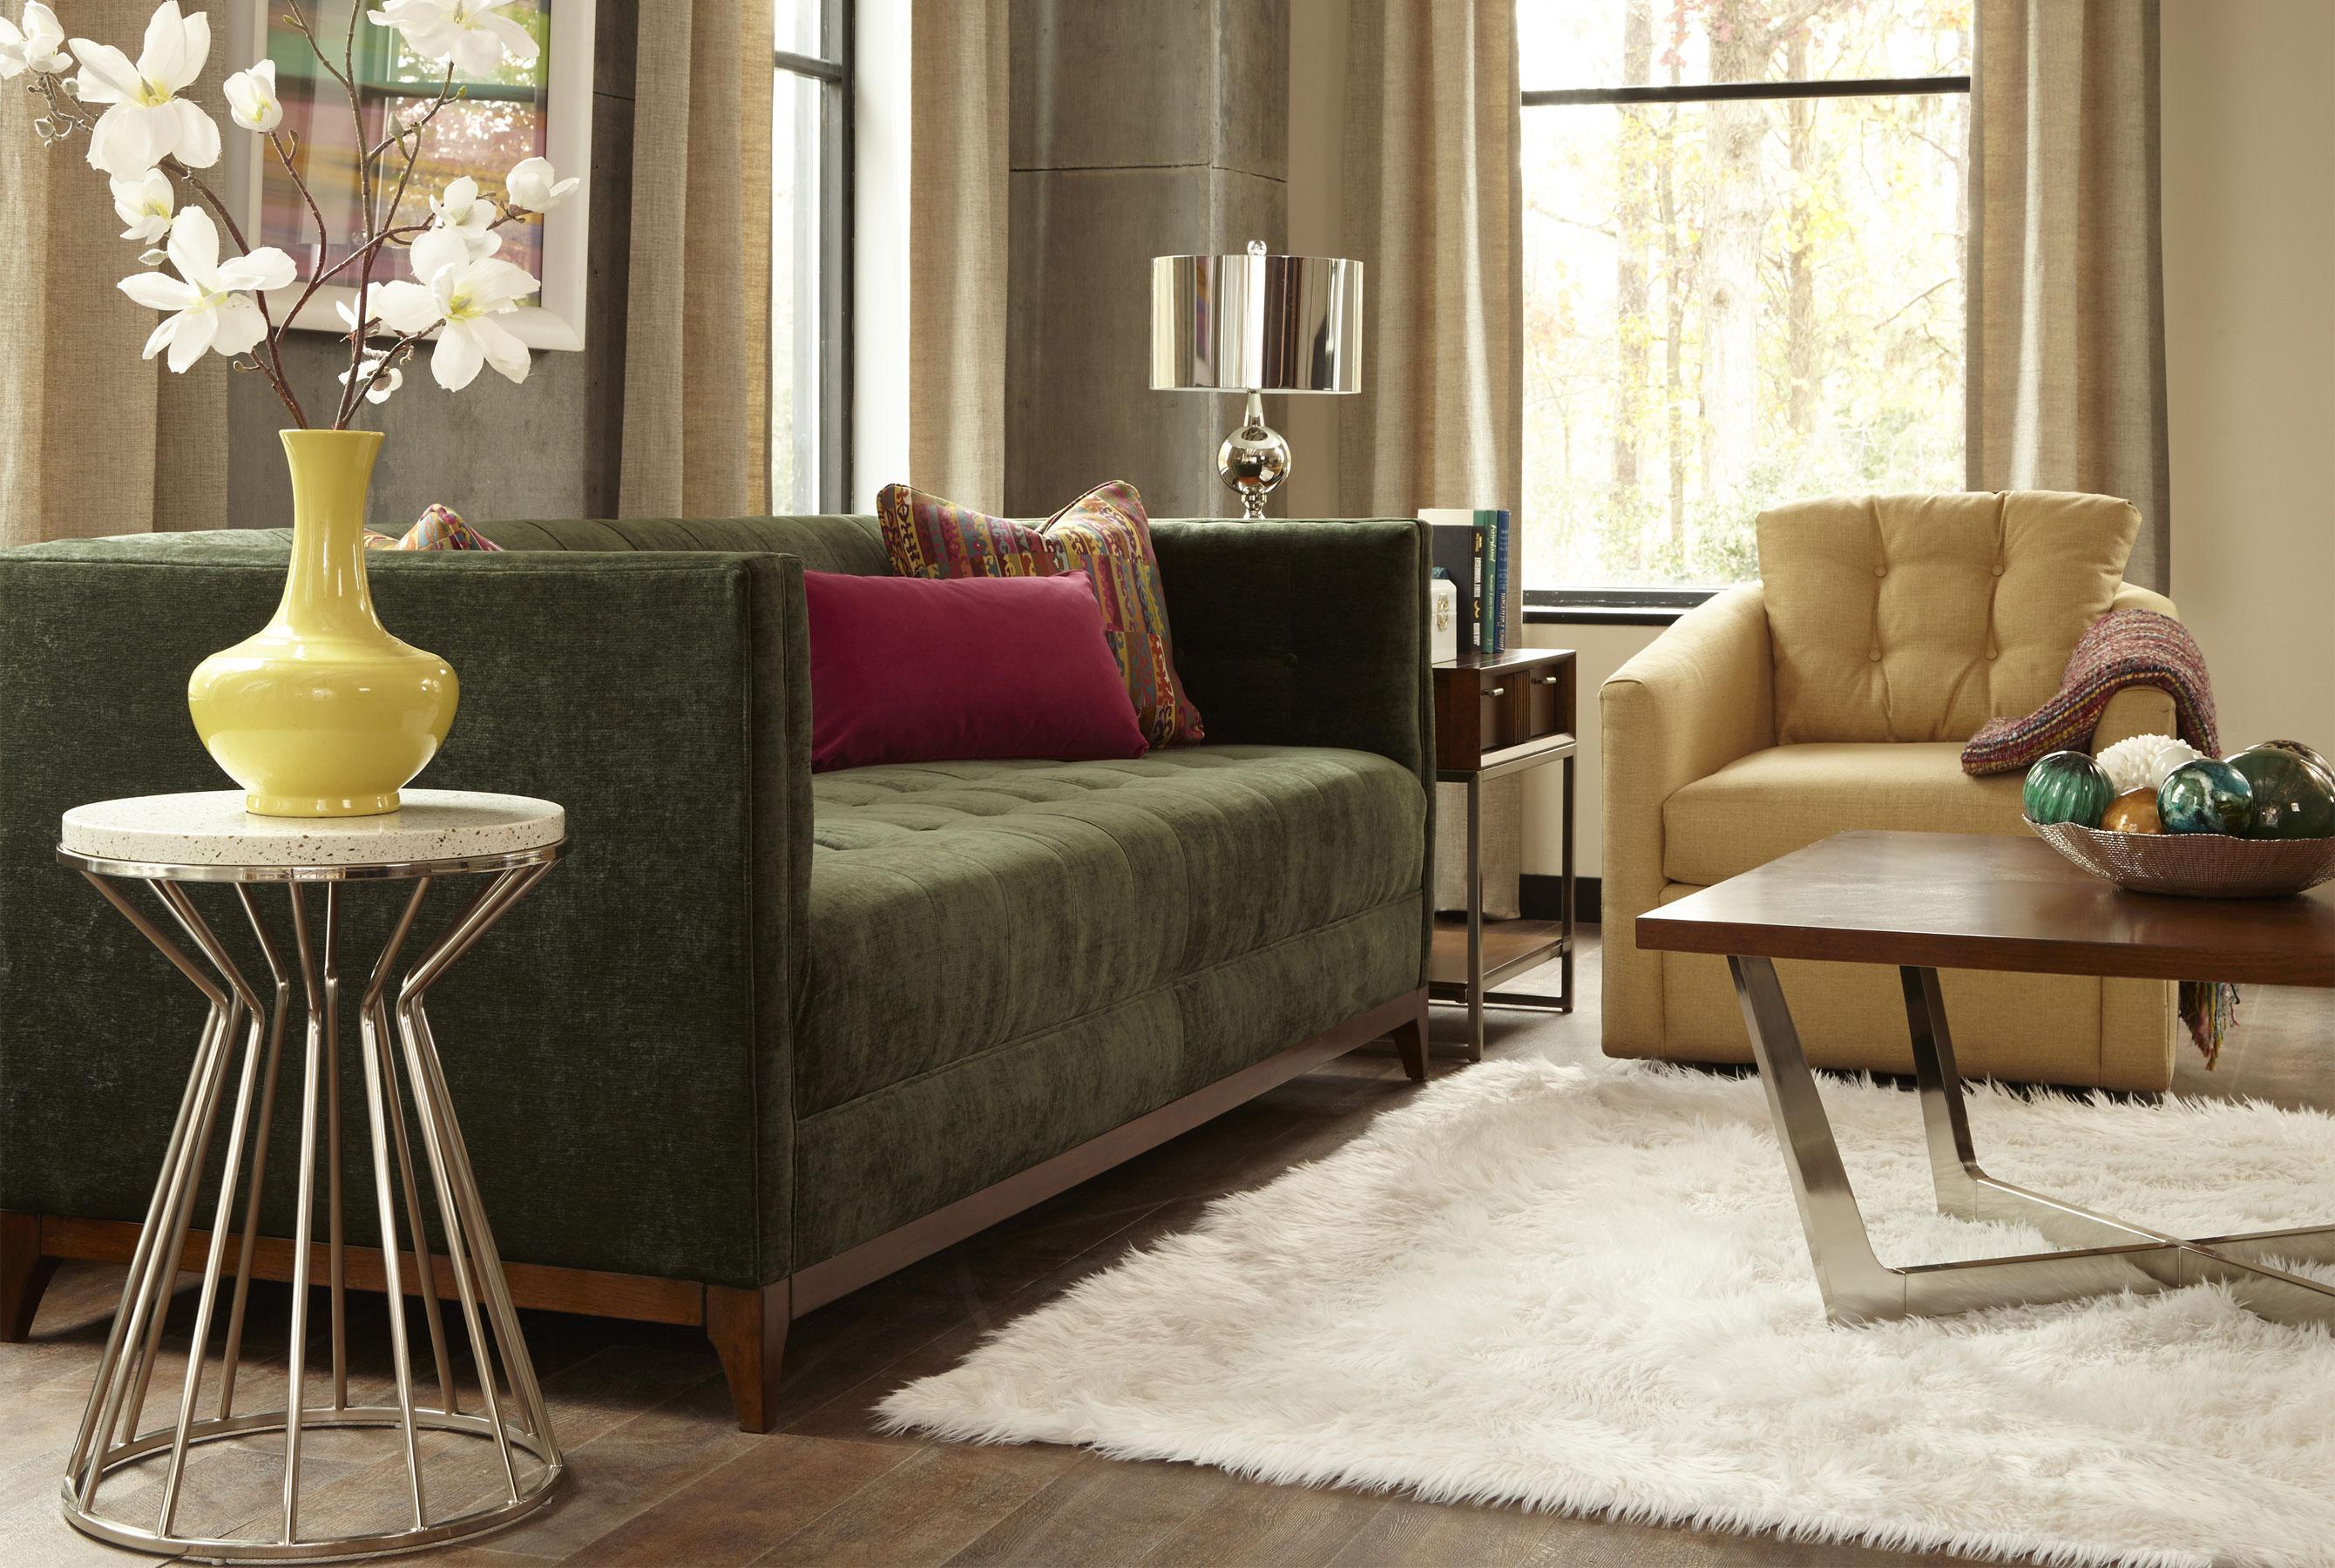 Pleasant Boulevard 86 Sofa W Down Cushions Sofas And Sectionals Inzonedesignstudio Interior Chair Design Inzonedesignstudiocom